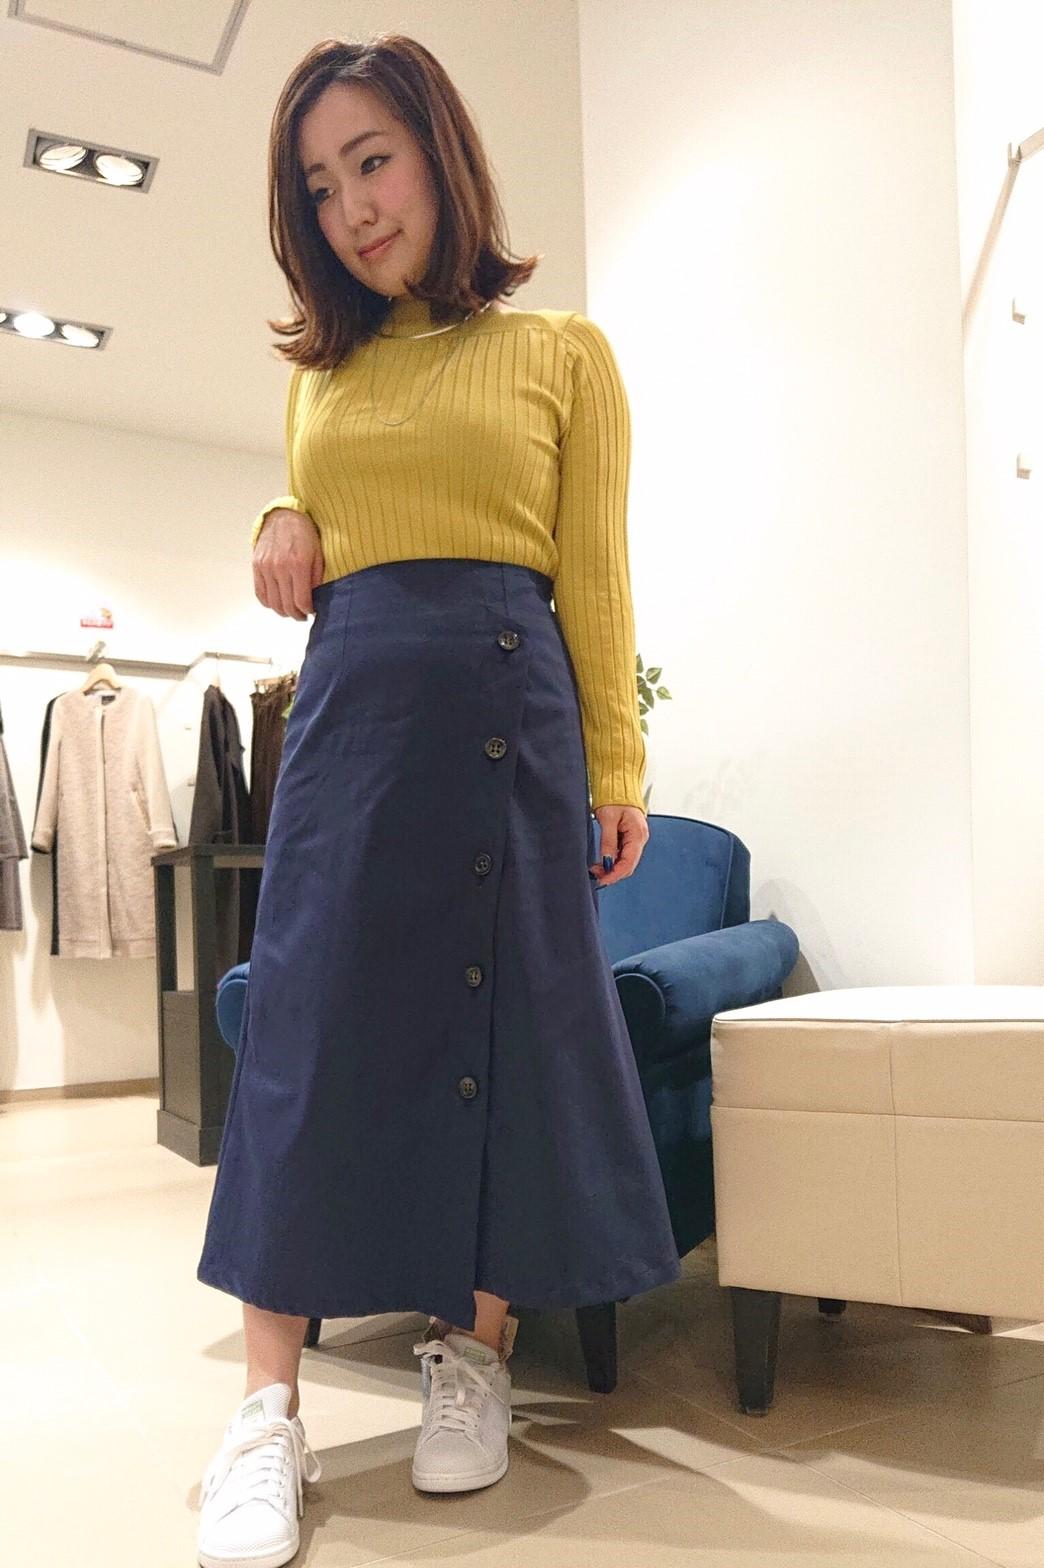 ニット・セーターを使ったレディースコーデ | Droite lautreamont